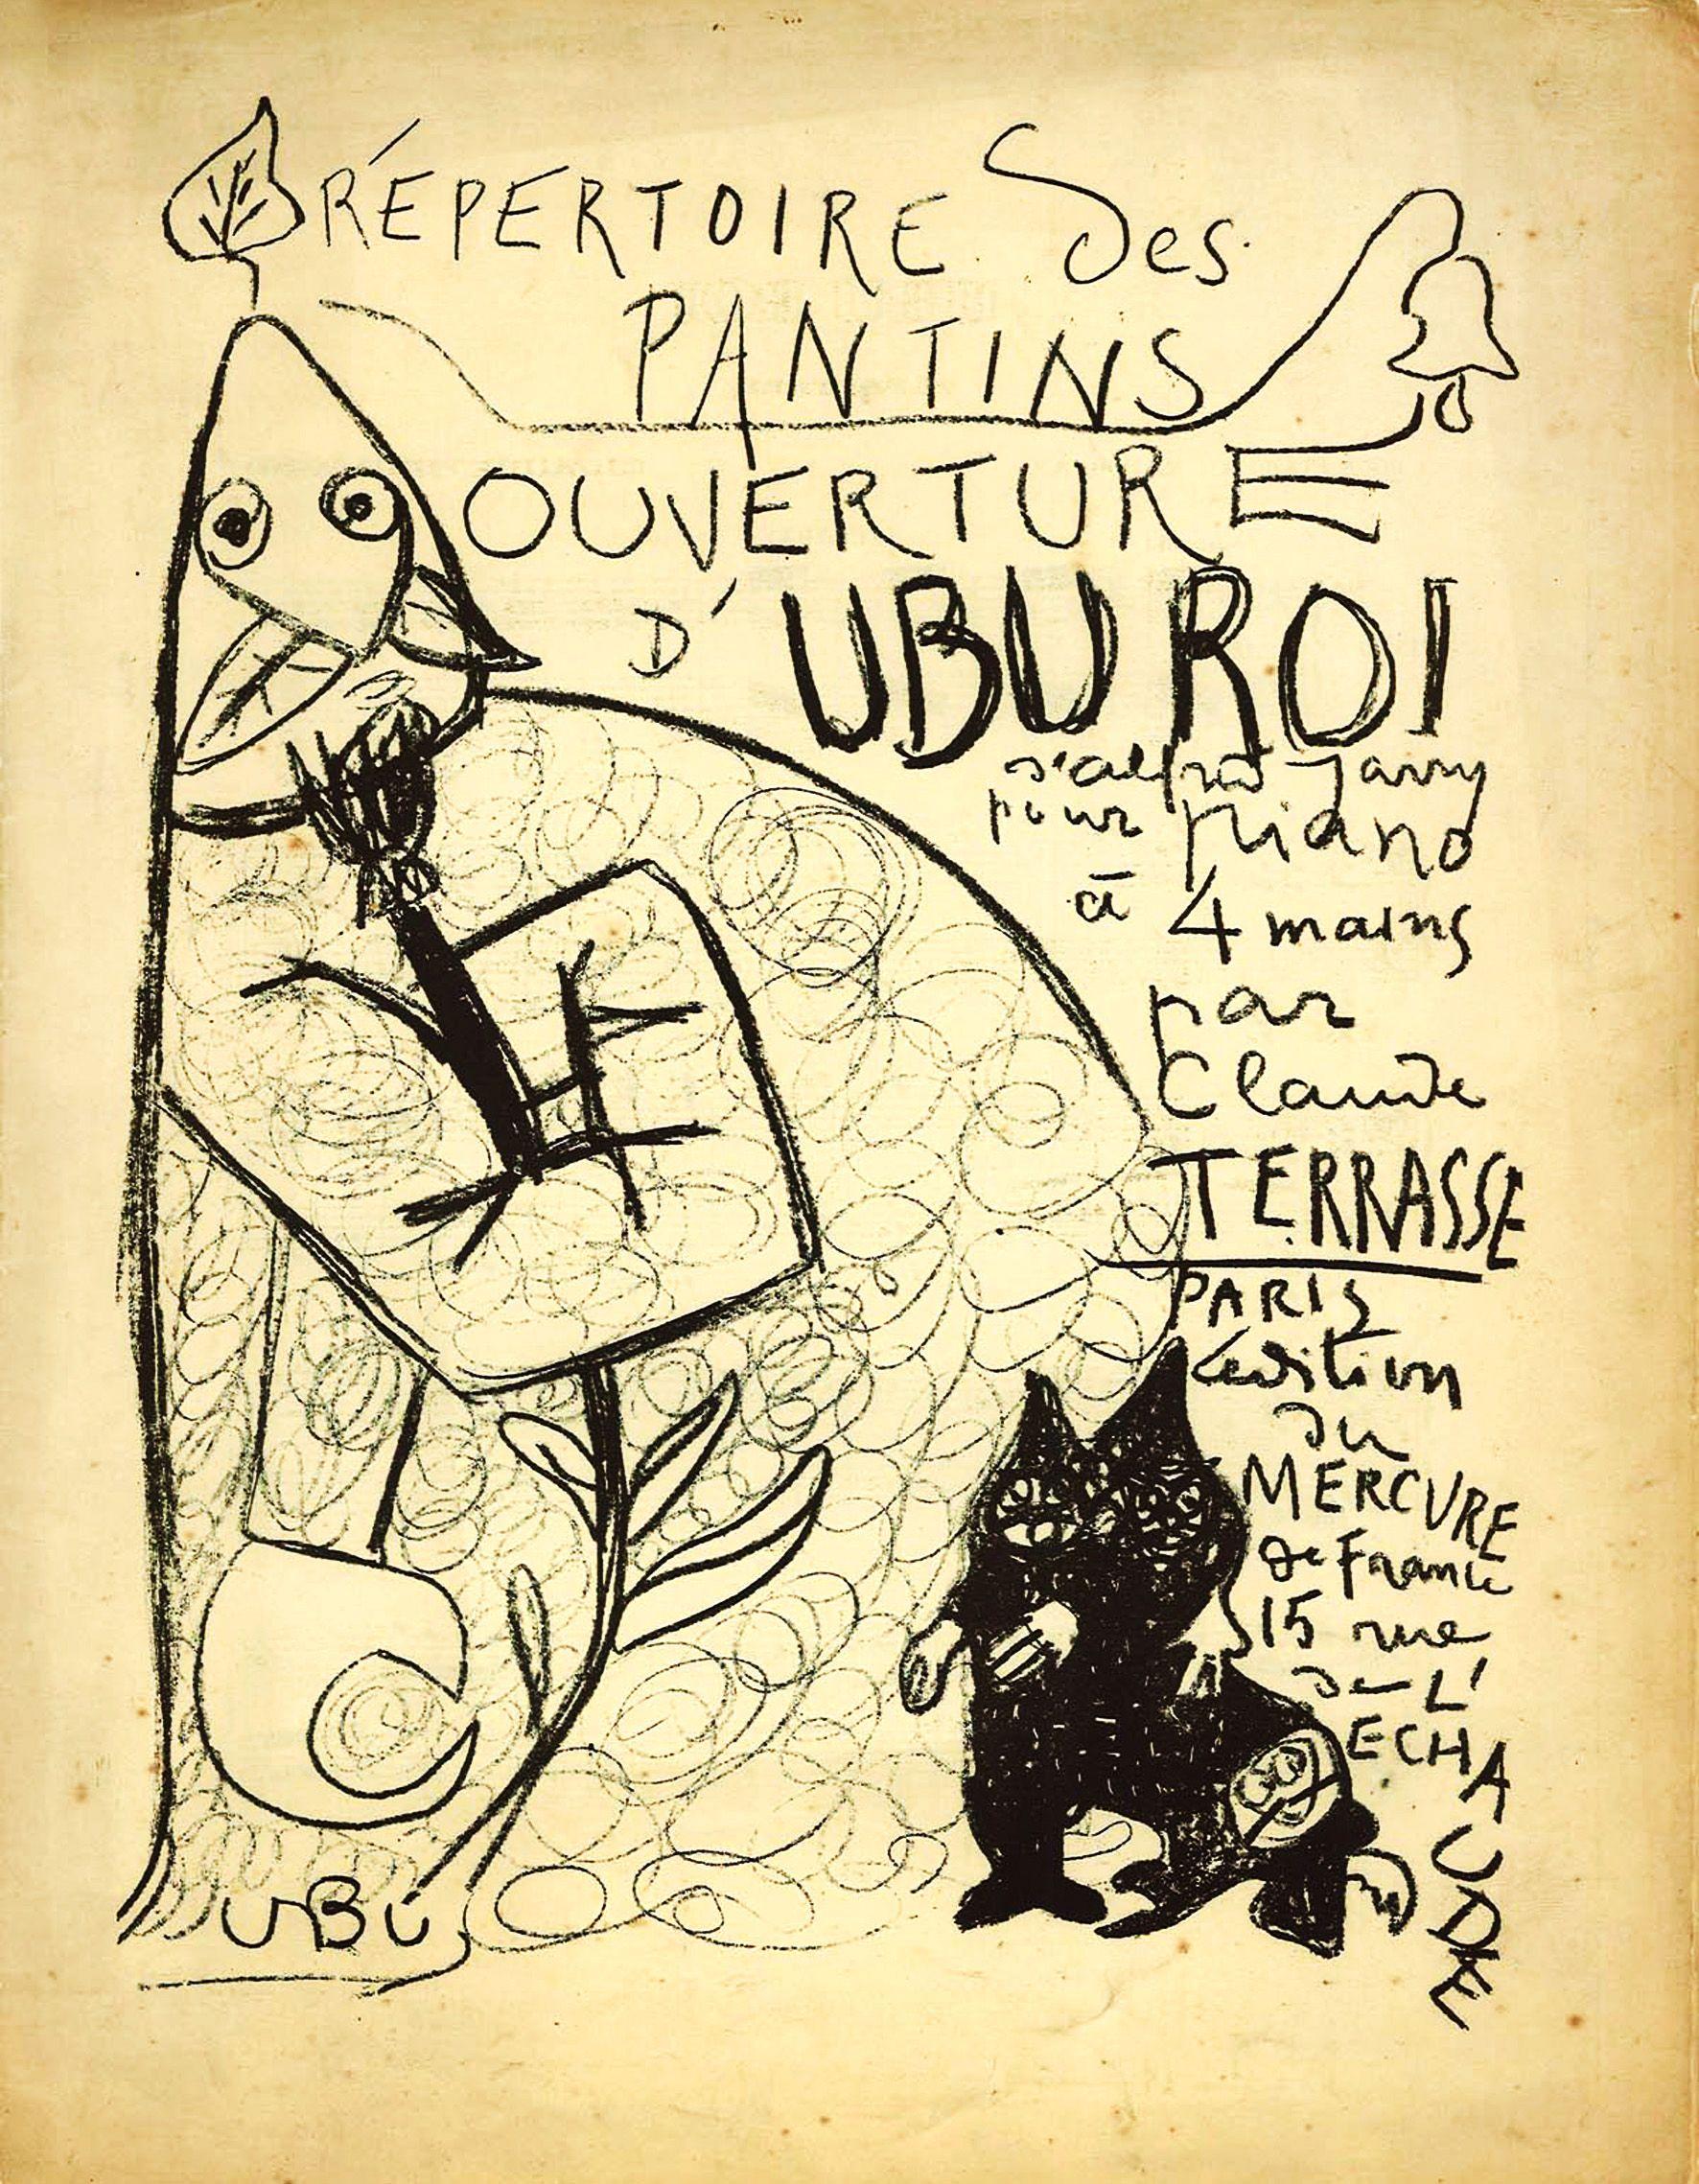 Alfred Jarry Ouverture D Ubu Roi Tire De Repertoire Des Pantins 1898 Lithographie Spencer Museum Of Art Literatura Ubu Rey Arte